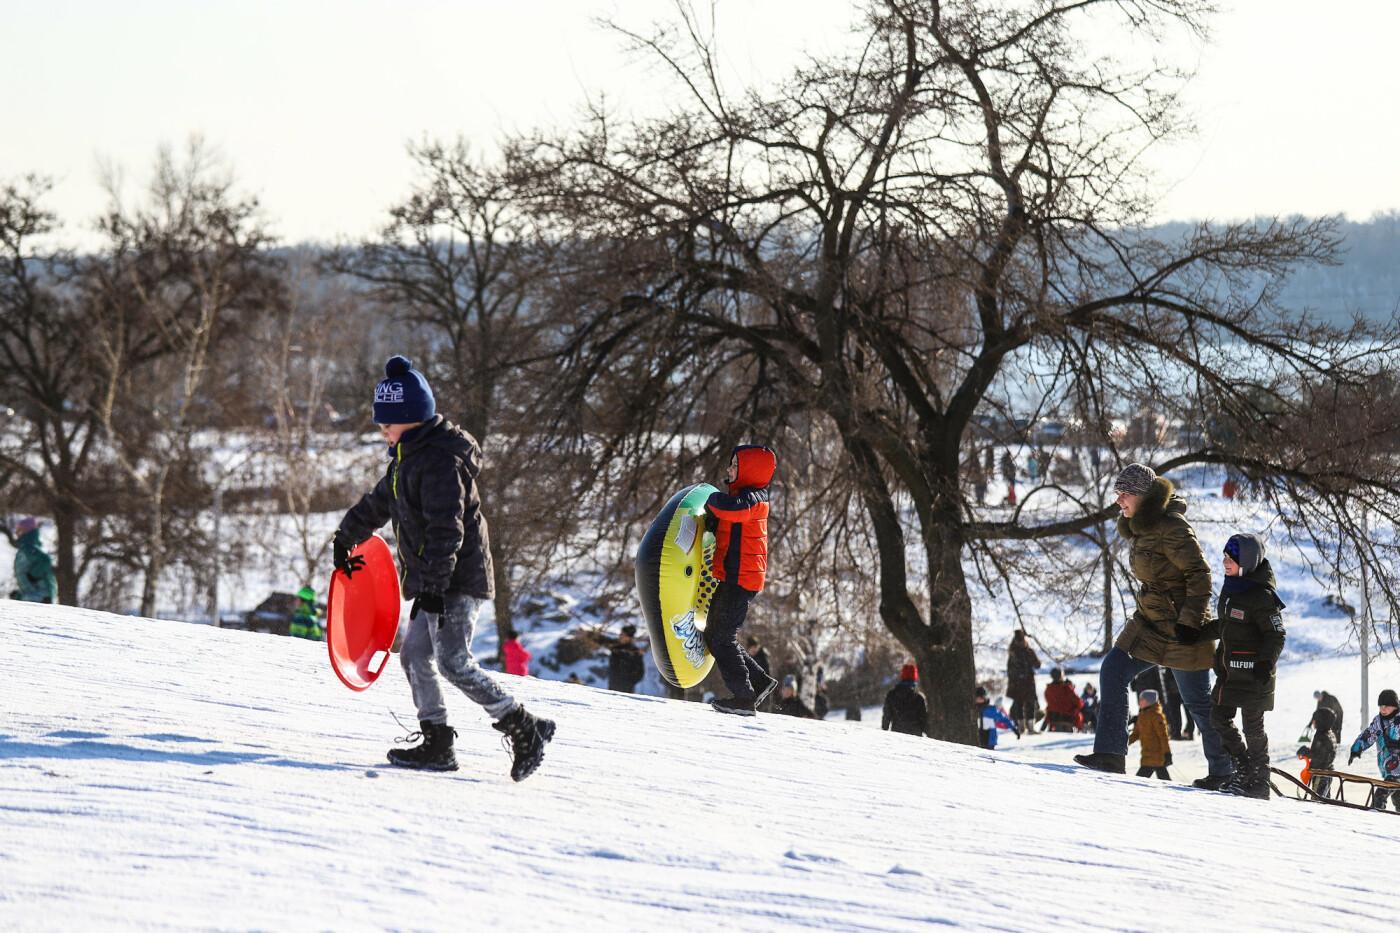 На санках, лыжах и сноуборде: запорожцы устроили массовое катание с горок в Вознесеновском парке, - ФОТОРЕПОРТАЖ, фото-7